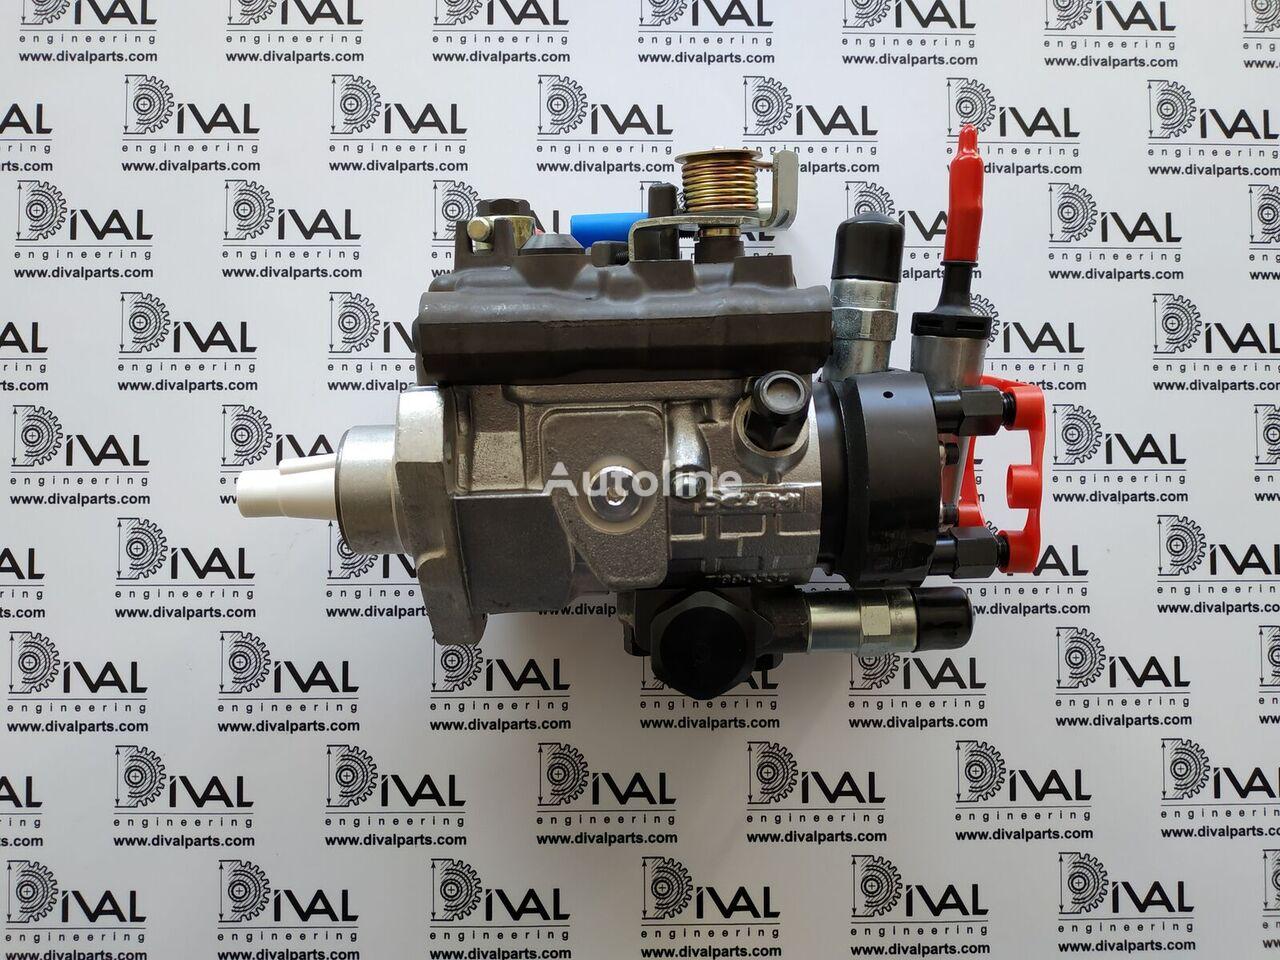 bomba de inyección para JCB 530/70, 540/70, 531/70, 535/95, 533/105, 535/125, 535/140, 540/140, 3CX, 4CX maquinaria de elevación y manutención nueva